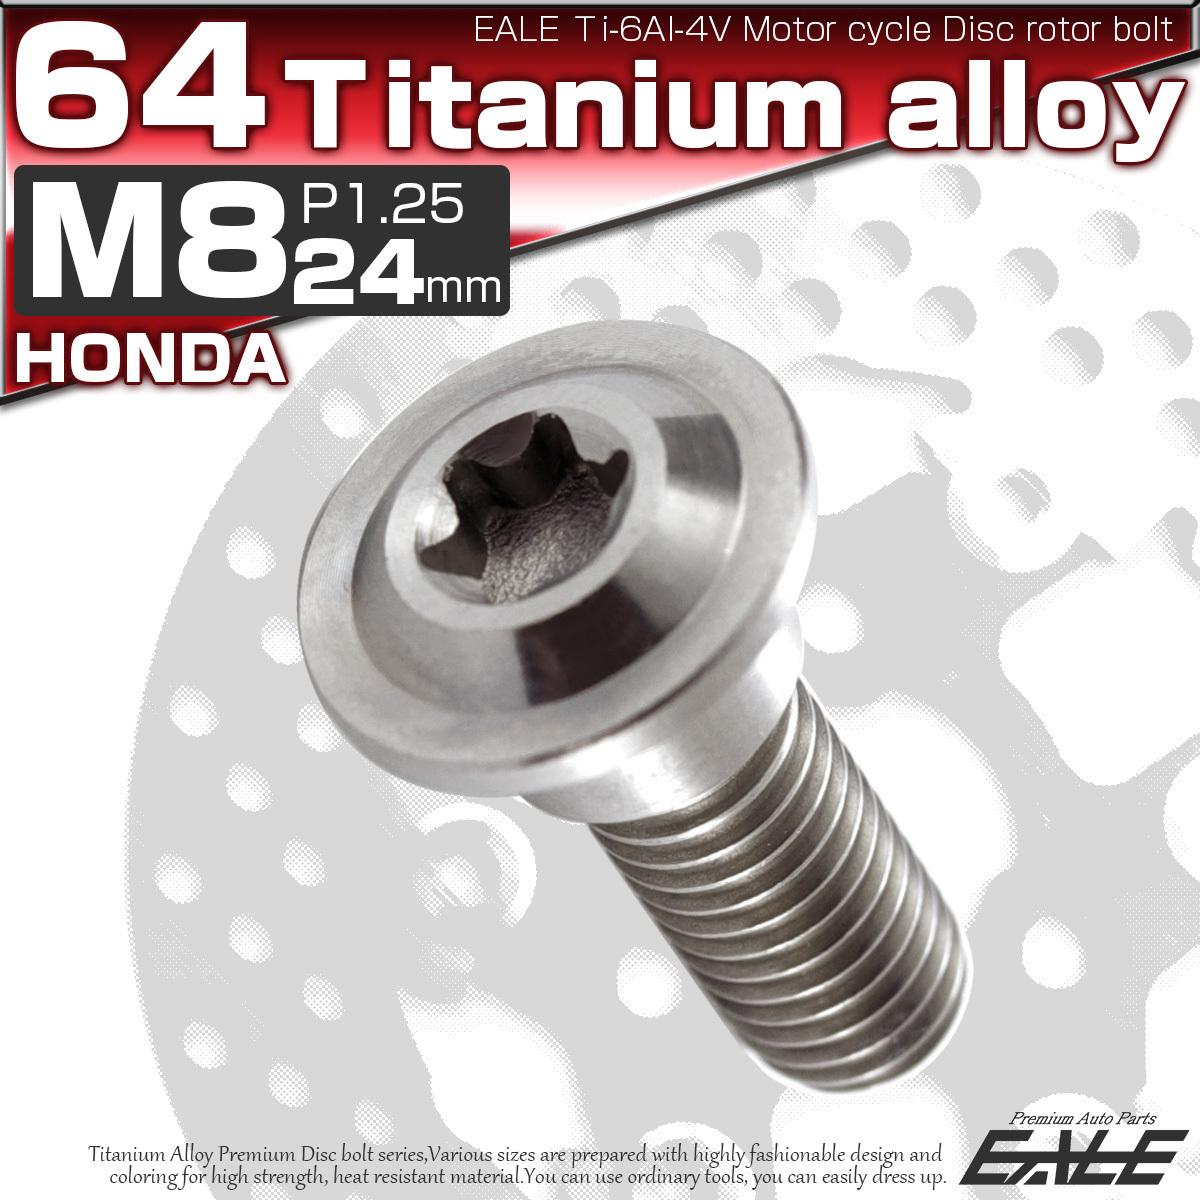 64チタン製 ホンダ用 M8×24mm P1.25 ブレーキ ディスク ローター ボルト シルバー チタンボルト Ti6Al-4V JA067_画像1